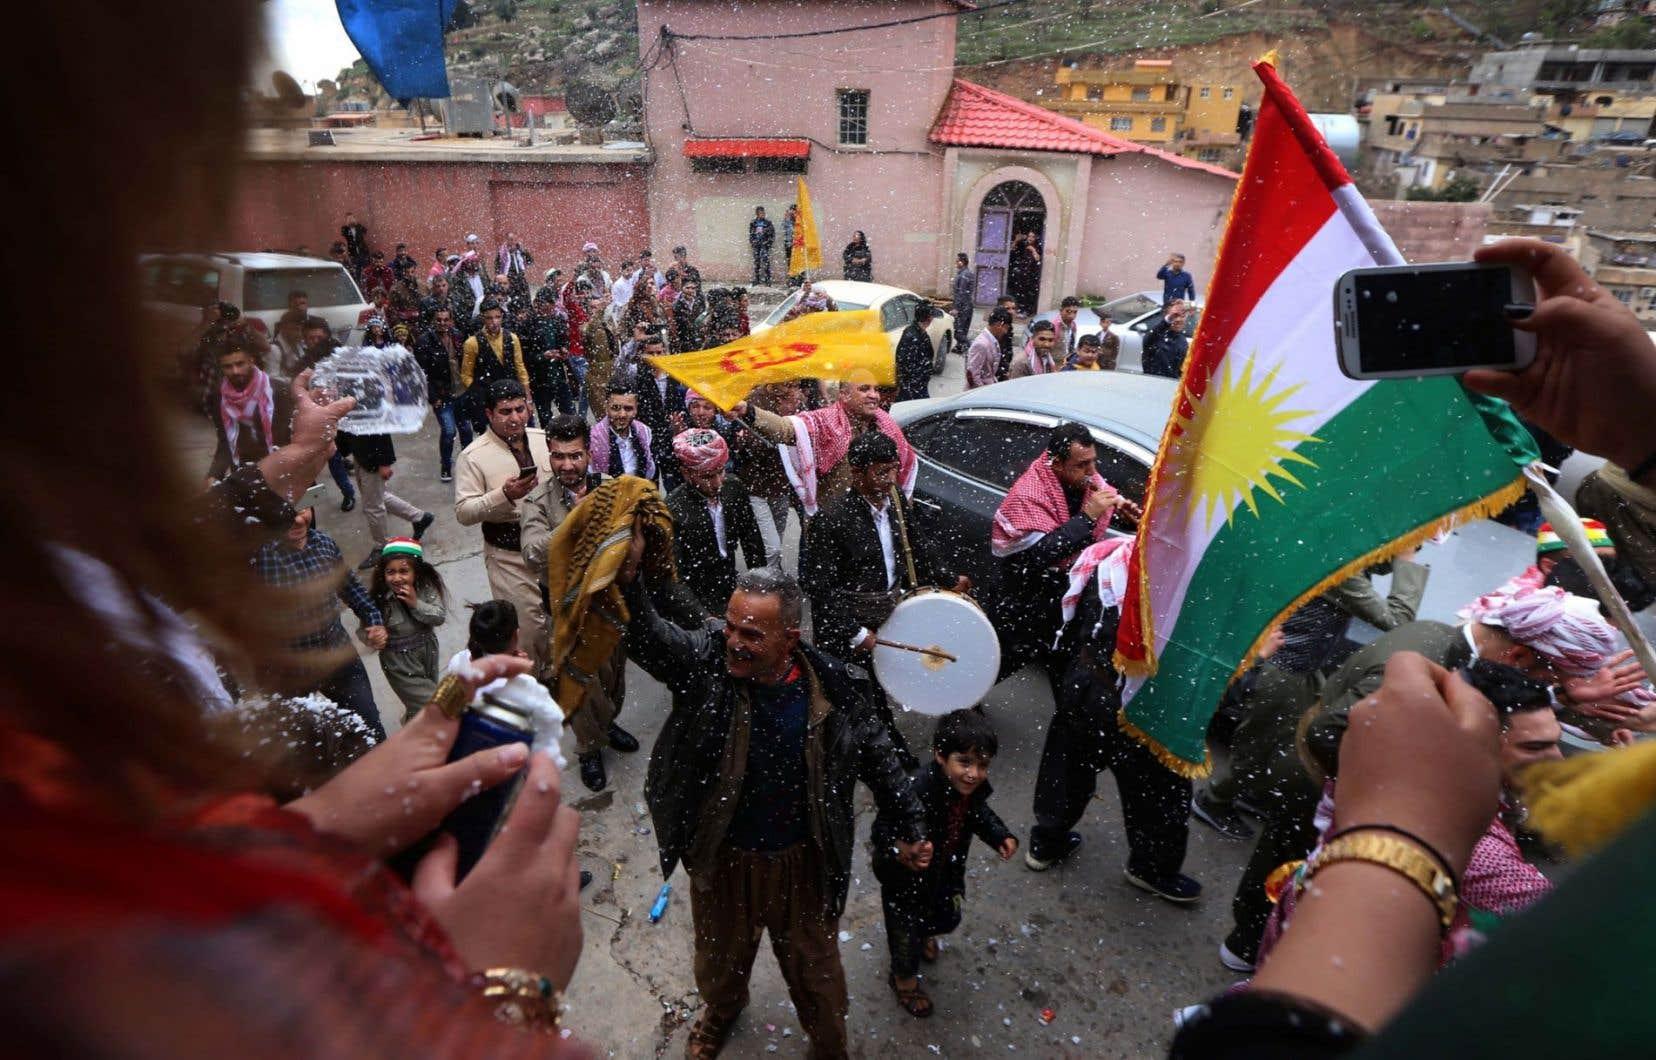 Plusieurs observateurs jugent qu'il est temps que les 30 millions de Kurdes dans le monde aient leur propre pays, d'autres disent même qu'ils le méritent en raison de leurs efforts dans la lutte contre Daech.